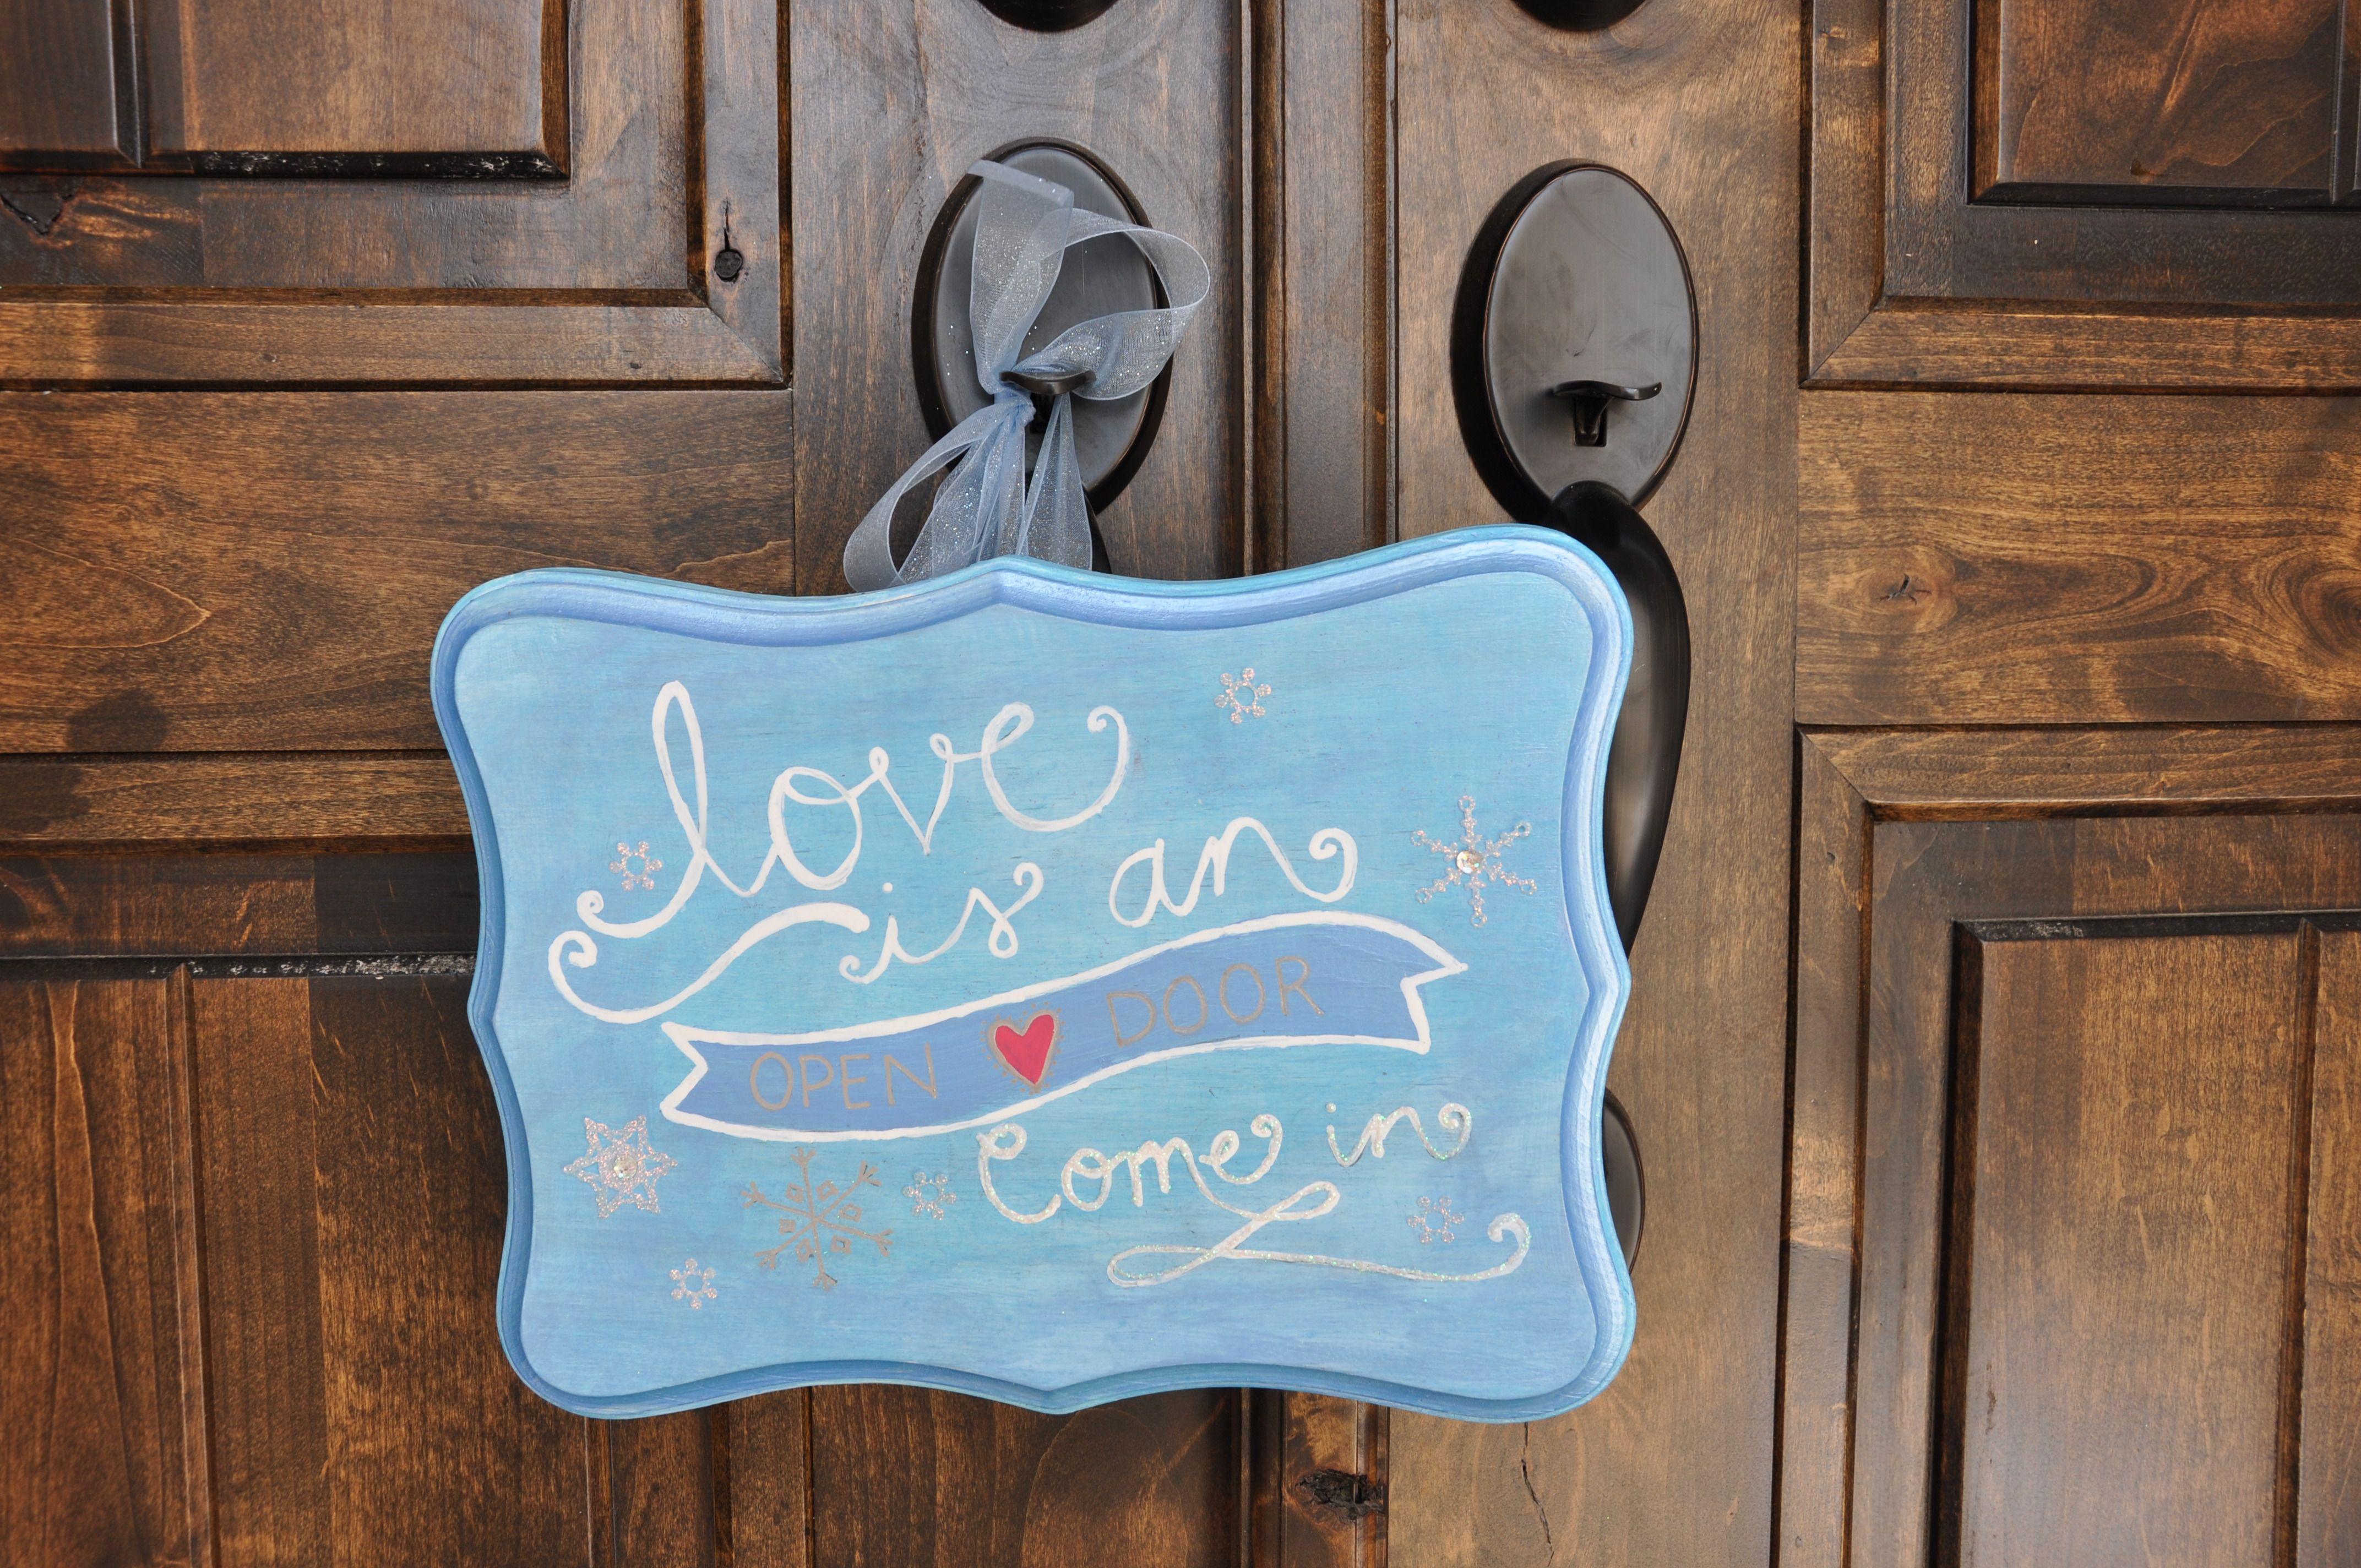 Frozen Party Sign For Door Love Is An Open Door Come In Wooden Shape Found At Hobby Lobby Th Bday Party Kids Wooden Door Entrance Spring Door Wreaths